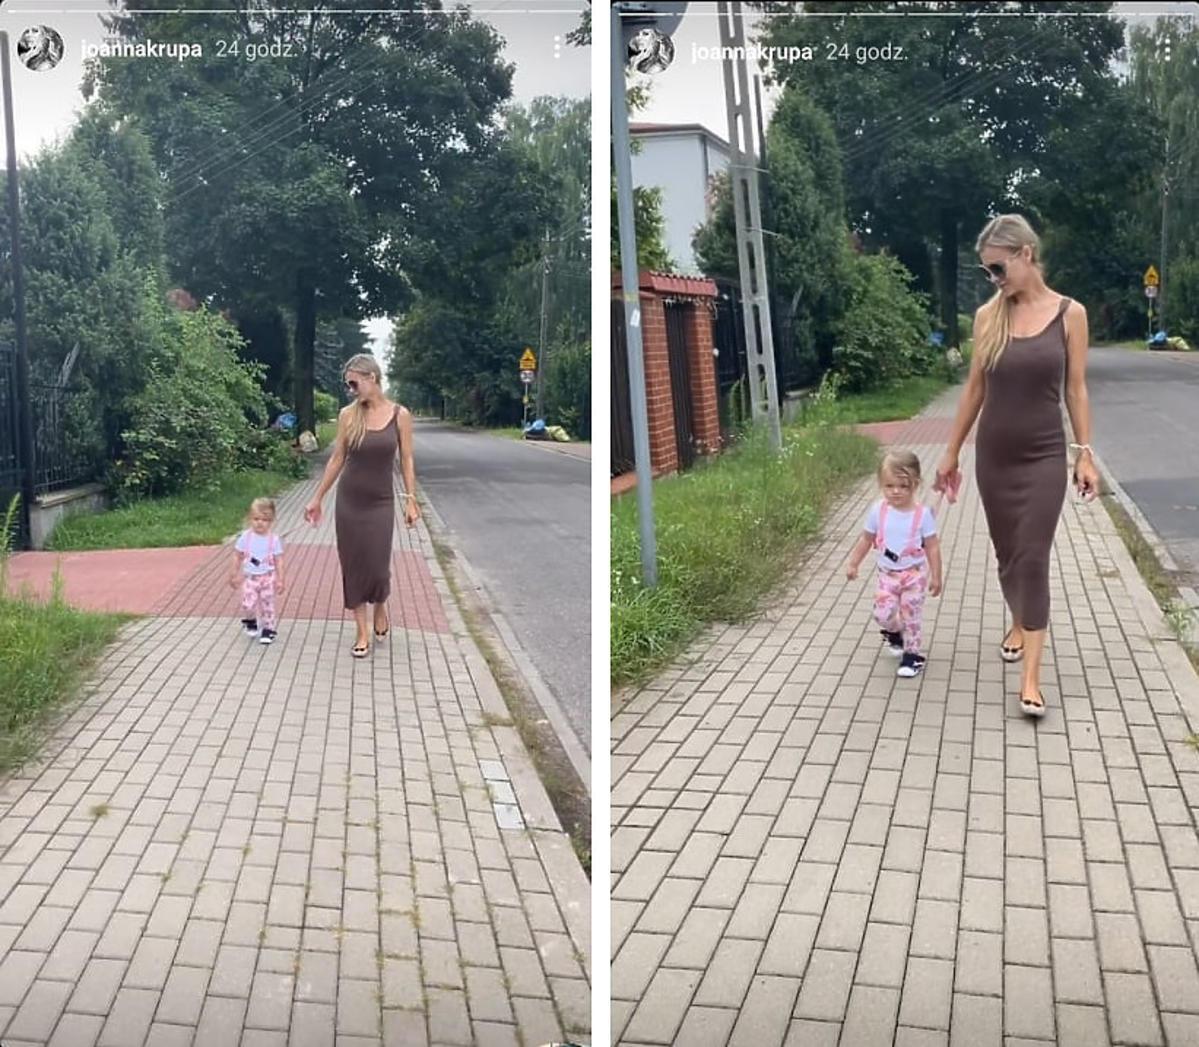 Joanna Krupa na spacerze prowadzi córkę na smyczy